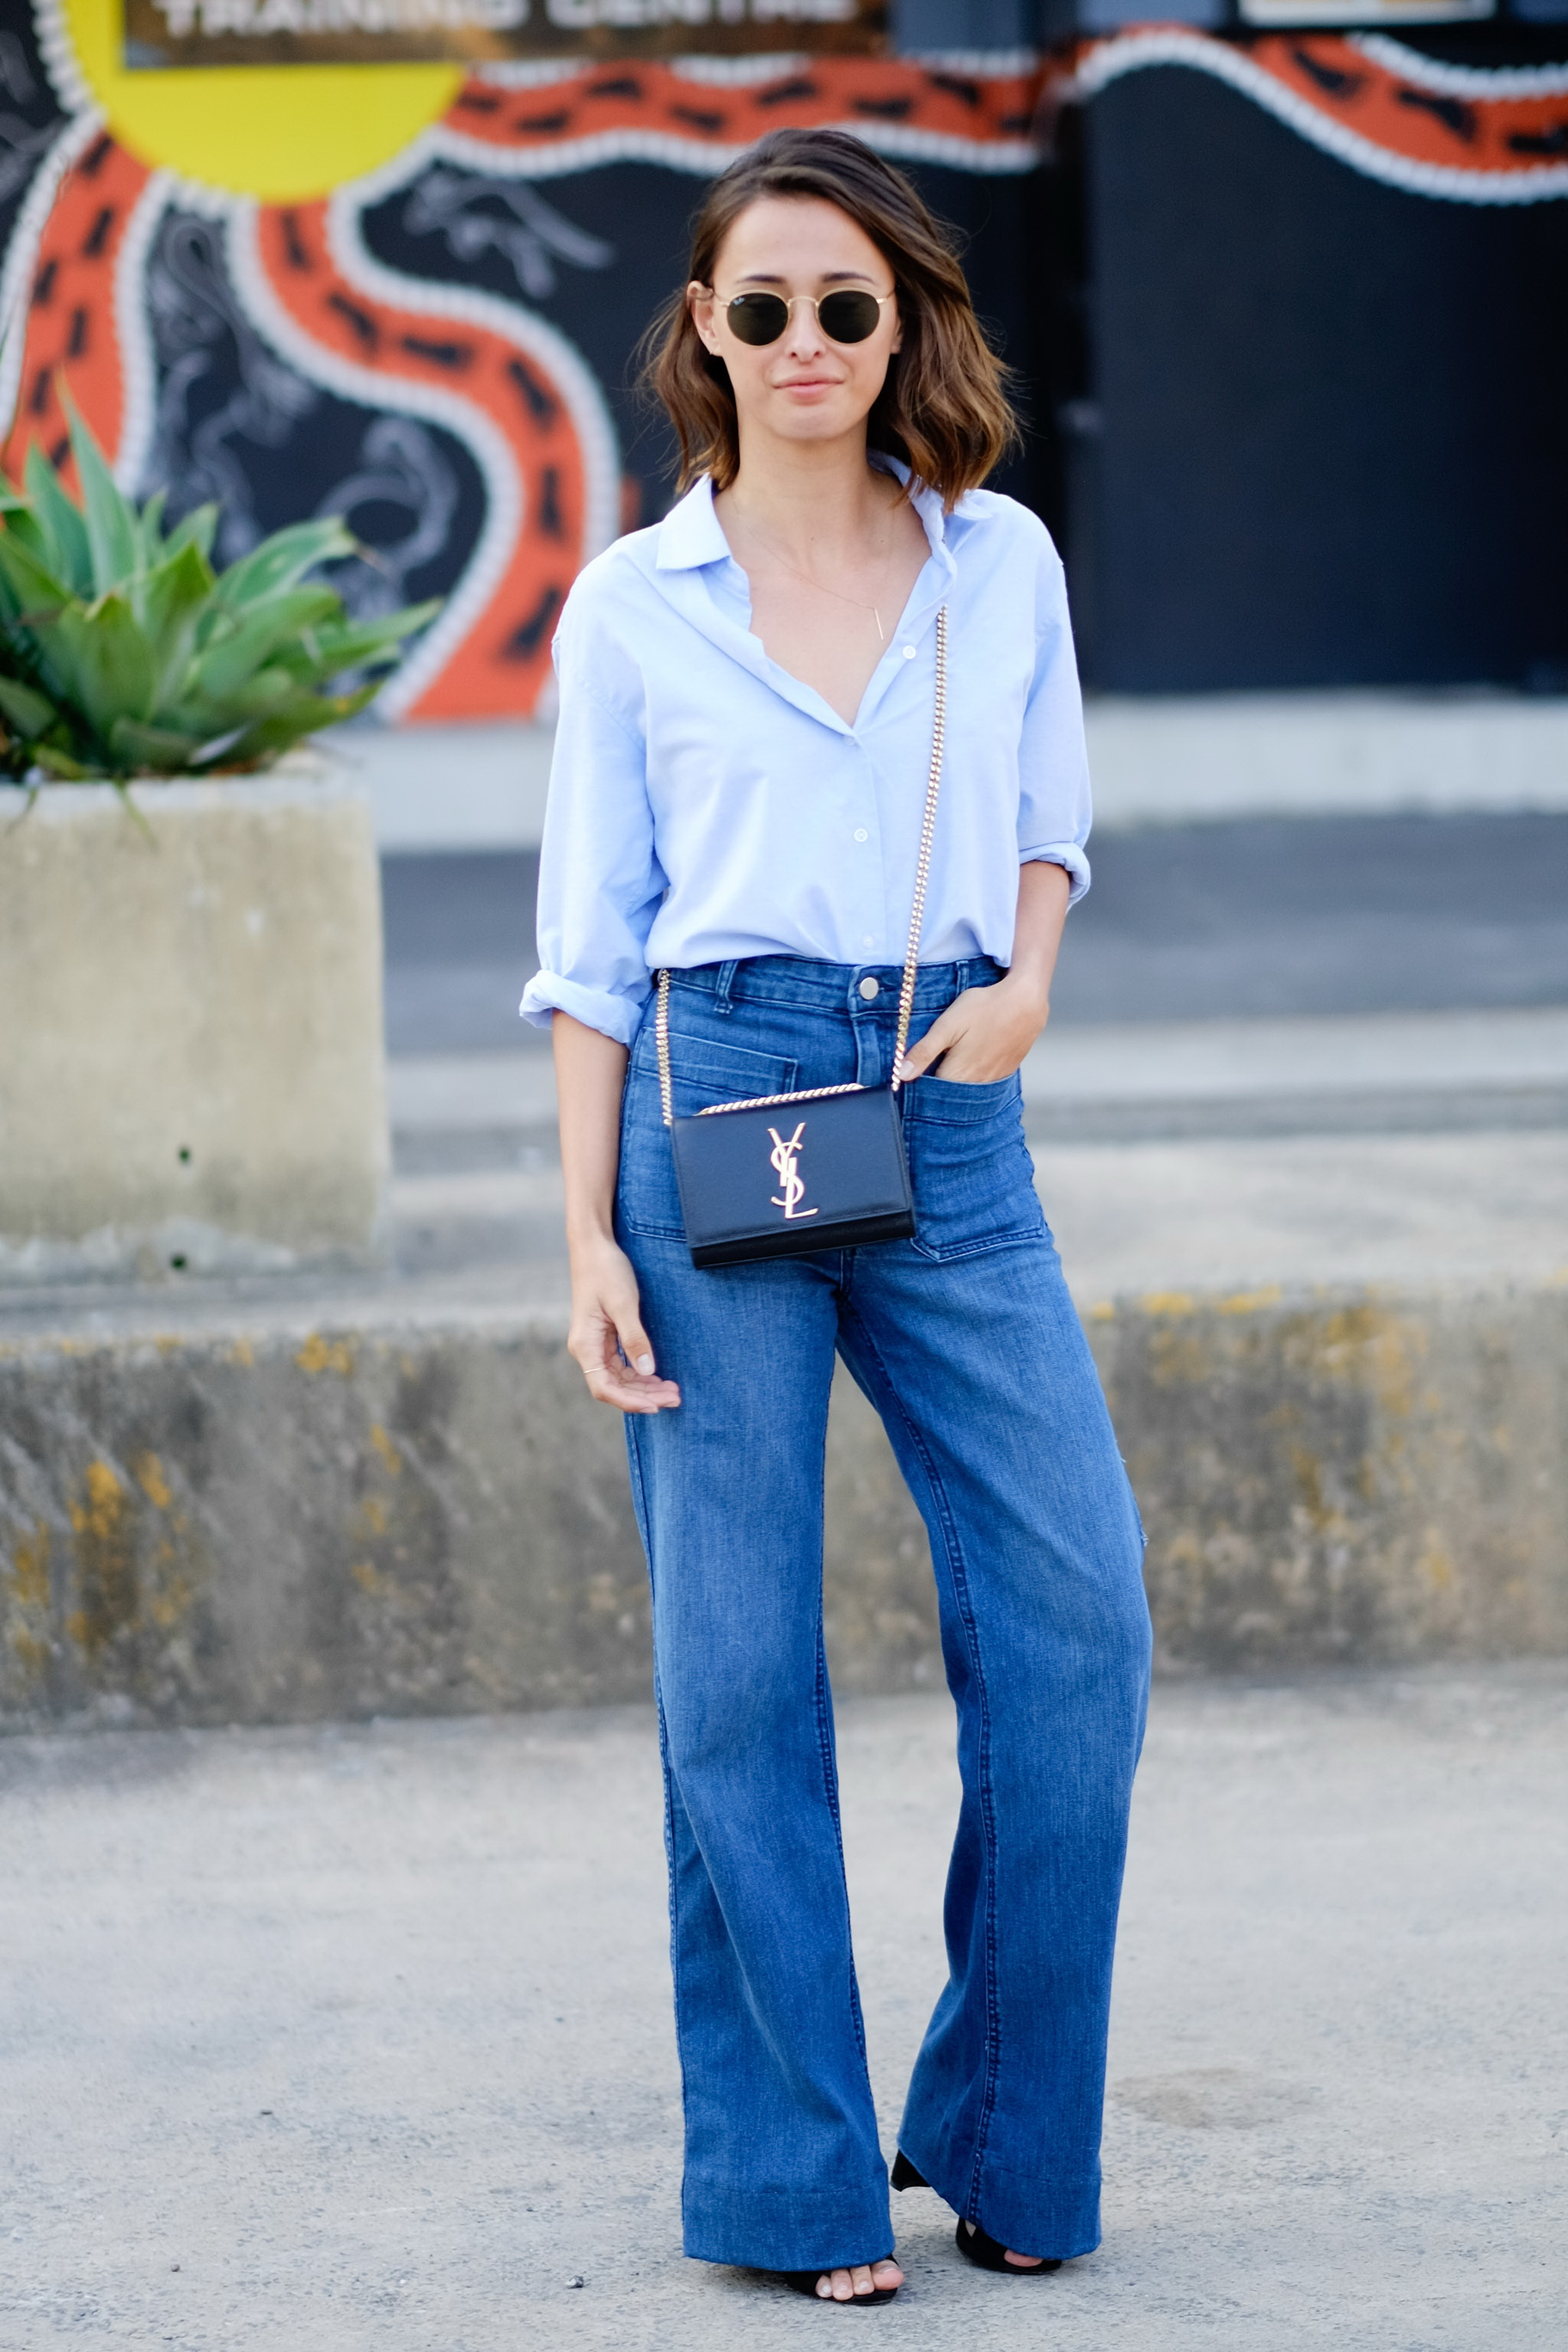 джинсы мужские уитни 770 цвет врангель куплю